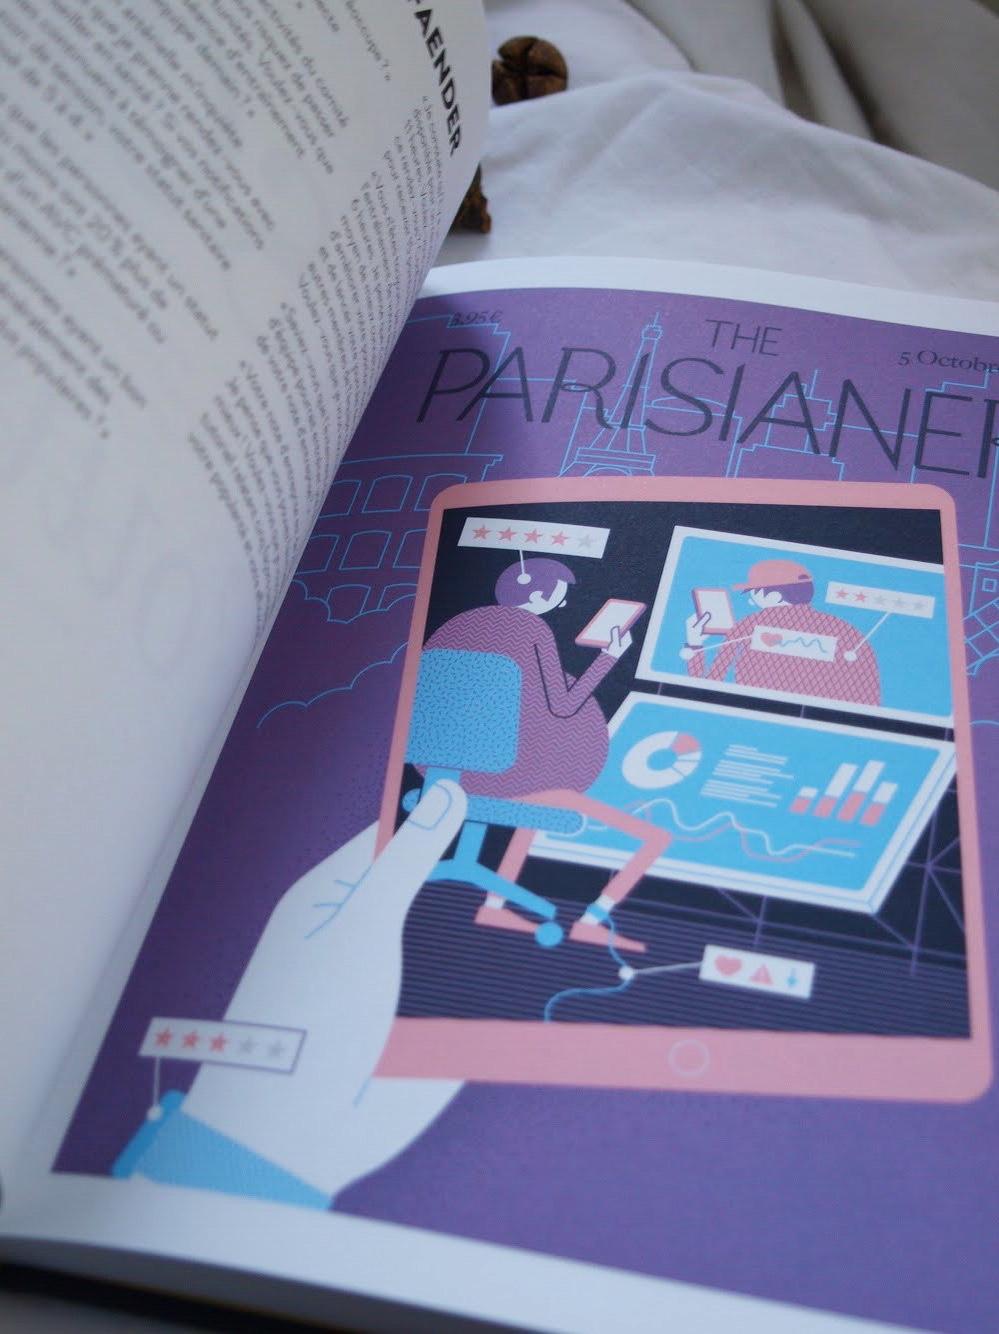 the parisianer 2050 livre